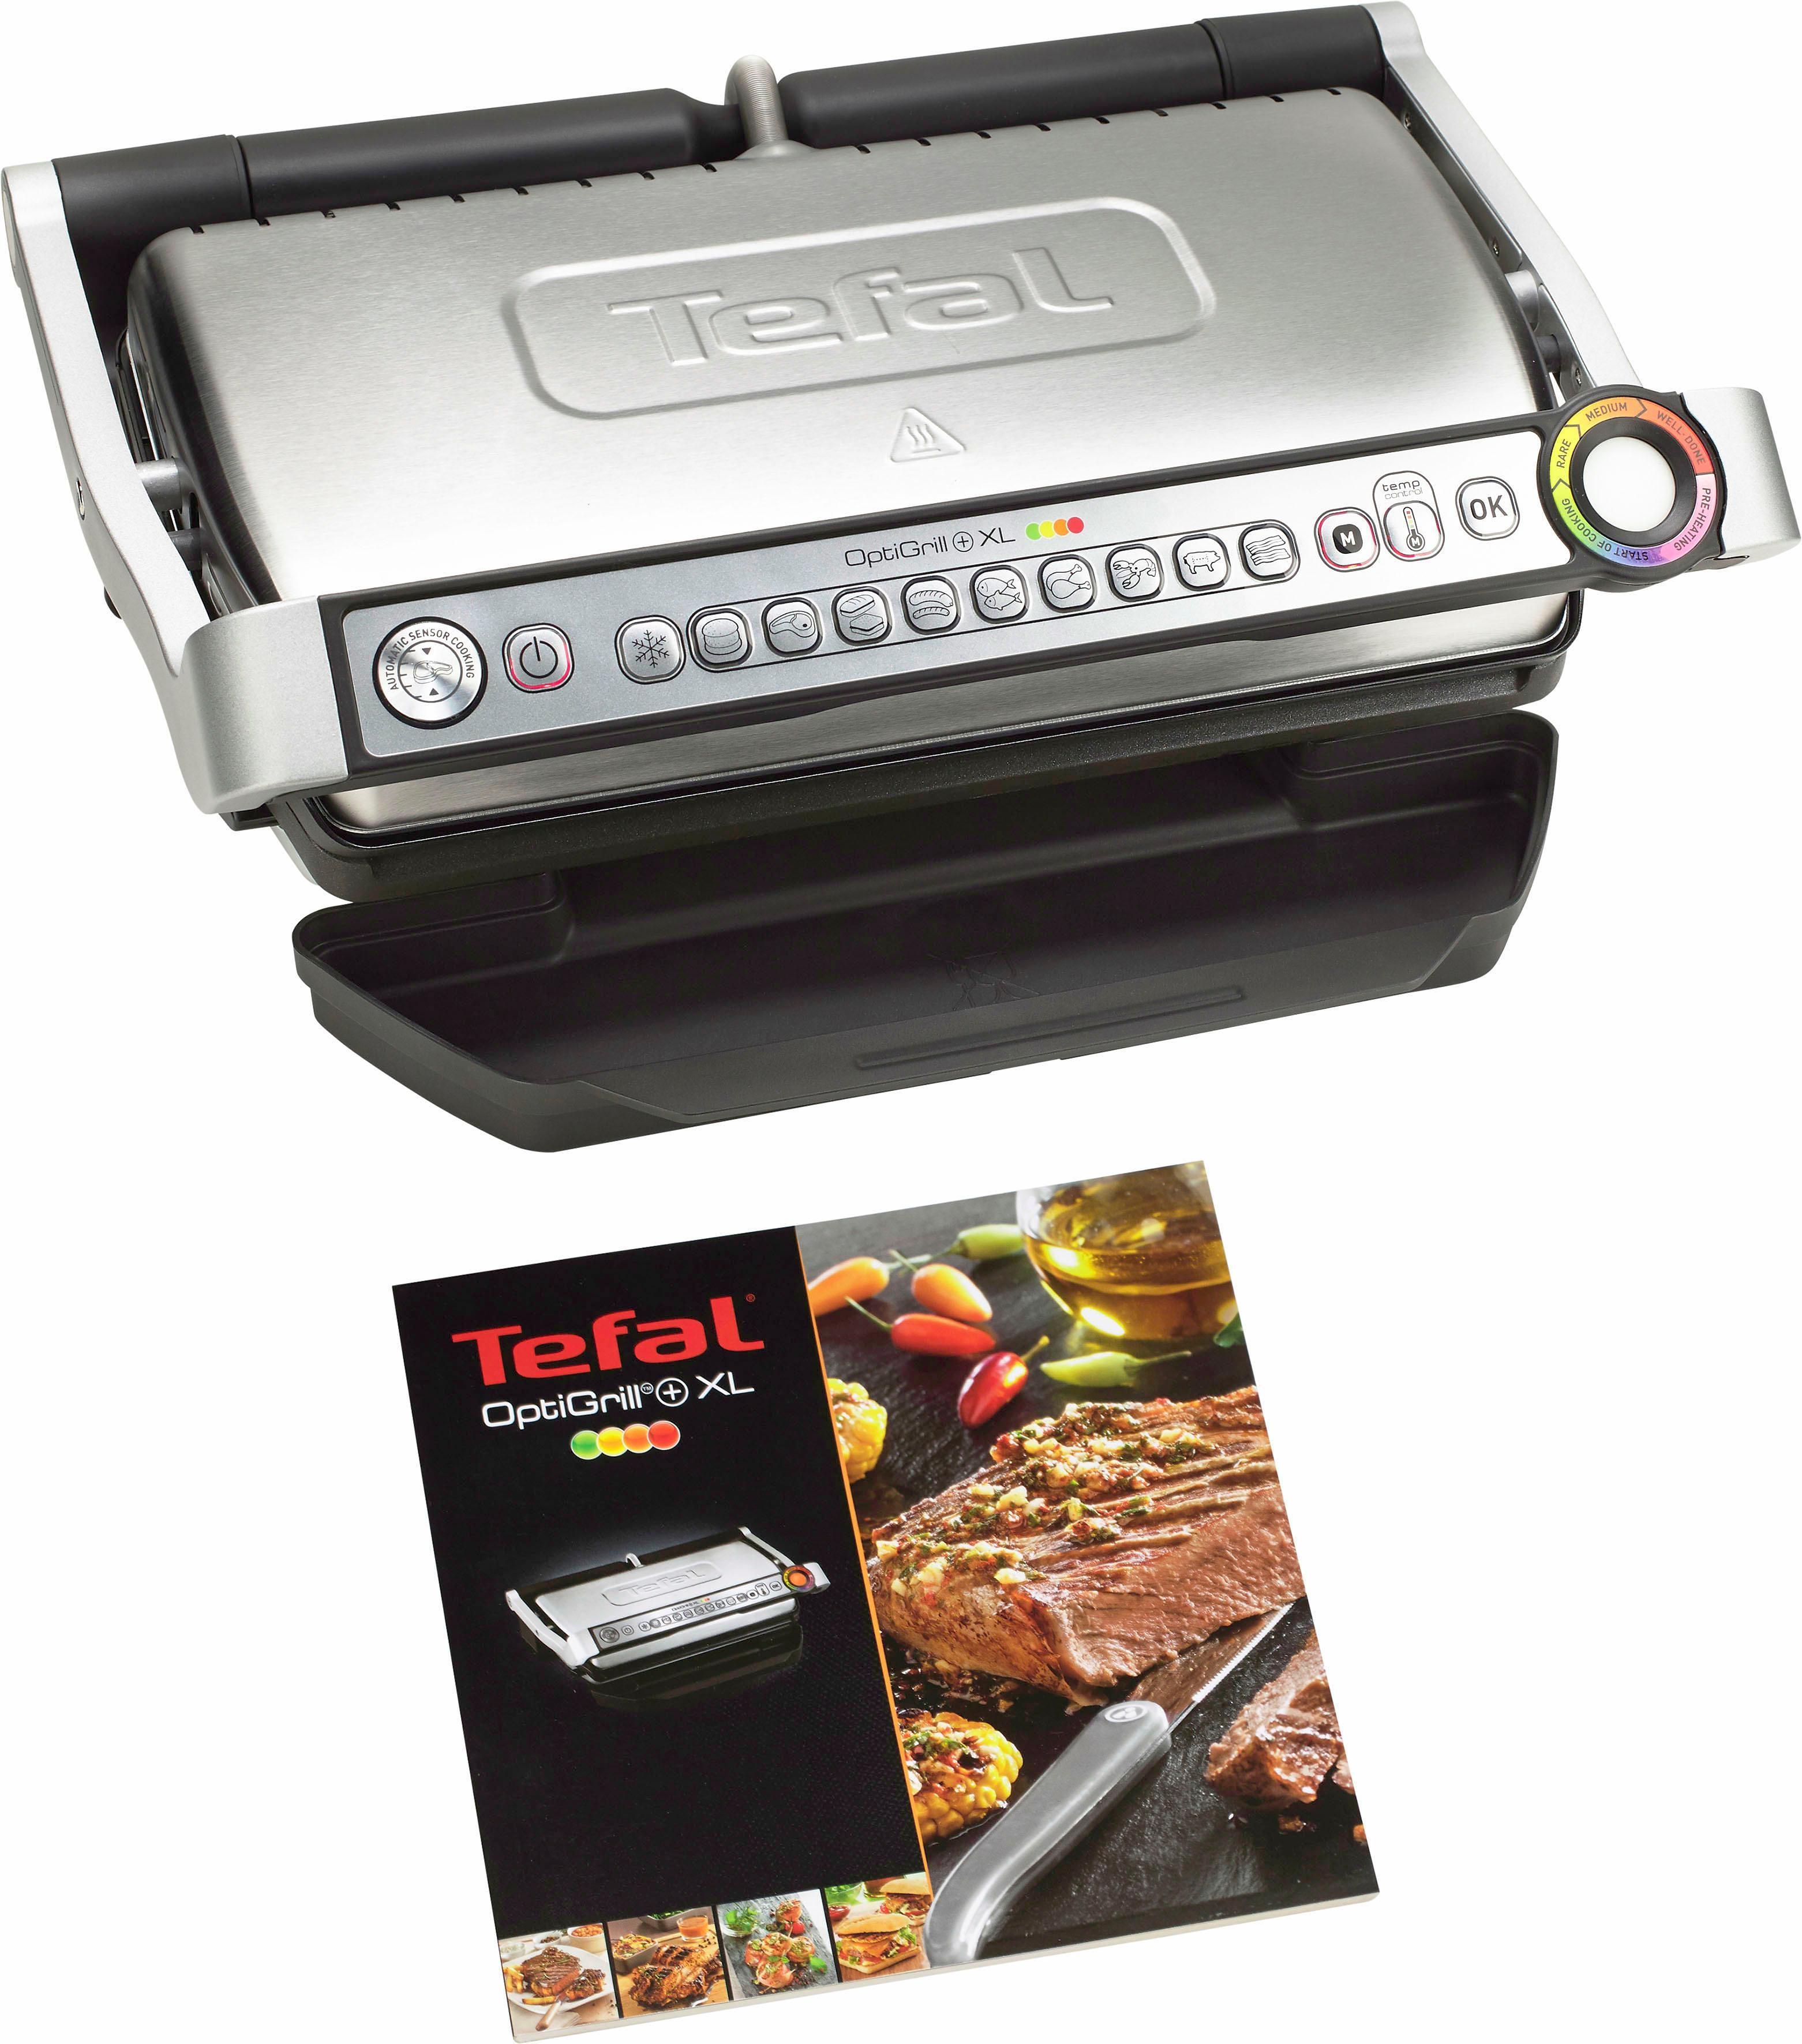 Tefal contactgrill GC722D OptiGrill+ XL 33% meer grilloppervlak nu online kopen bij OTTO